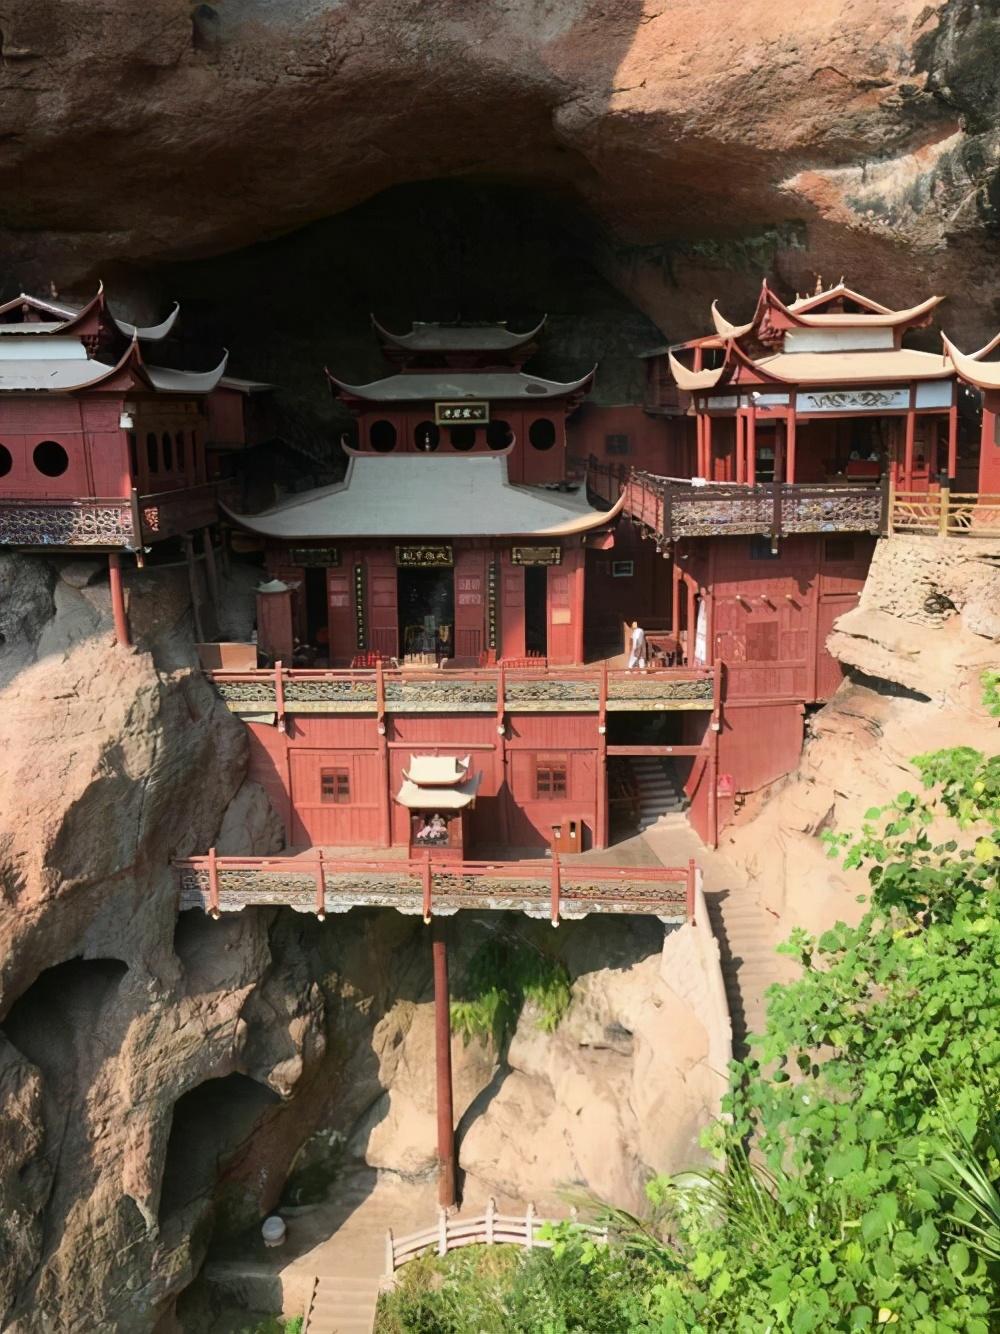 福建甘露岩寺:只靠一根柱子支撑900年,整个建筑都没一颗铁钉 旅游资讯 第2张